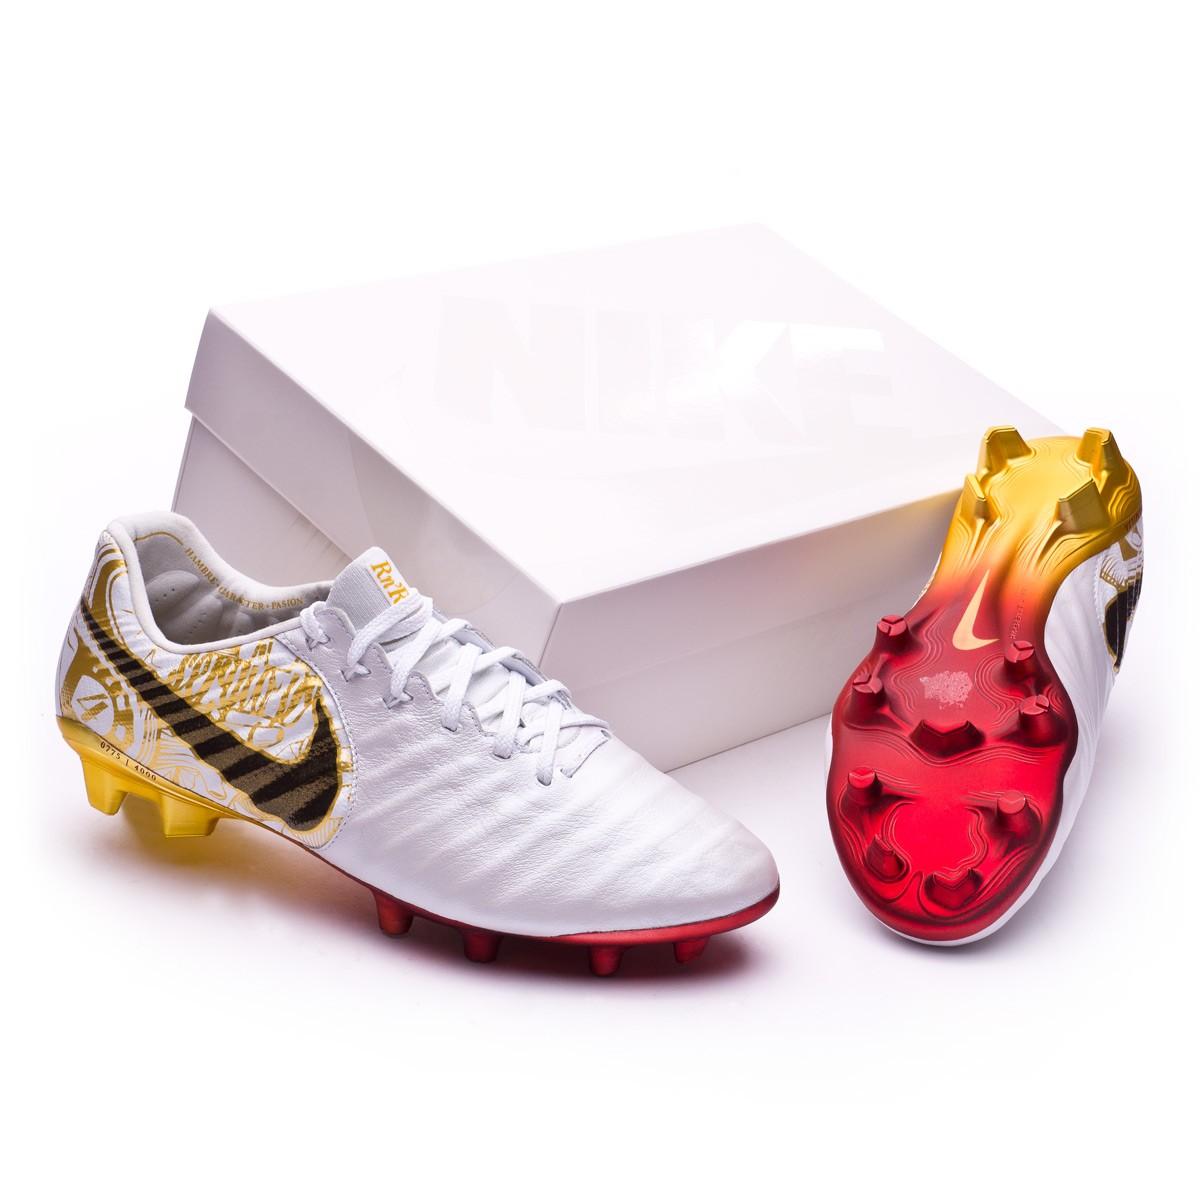 official photos 031c0 de573 ... Bota Tiempo Legend VII SR4 FG White-Vivid gold. CATEGORÍA. Zapatos de  fútbol · Zapatos Nike